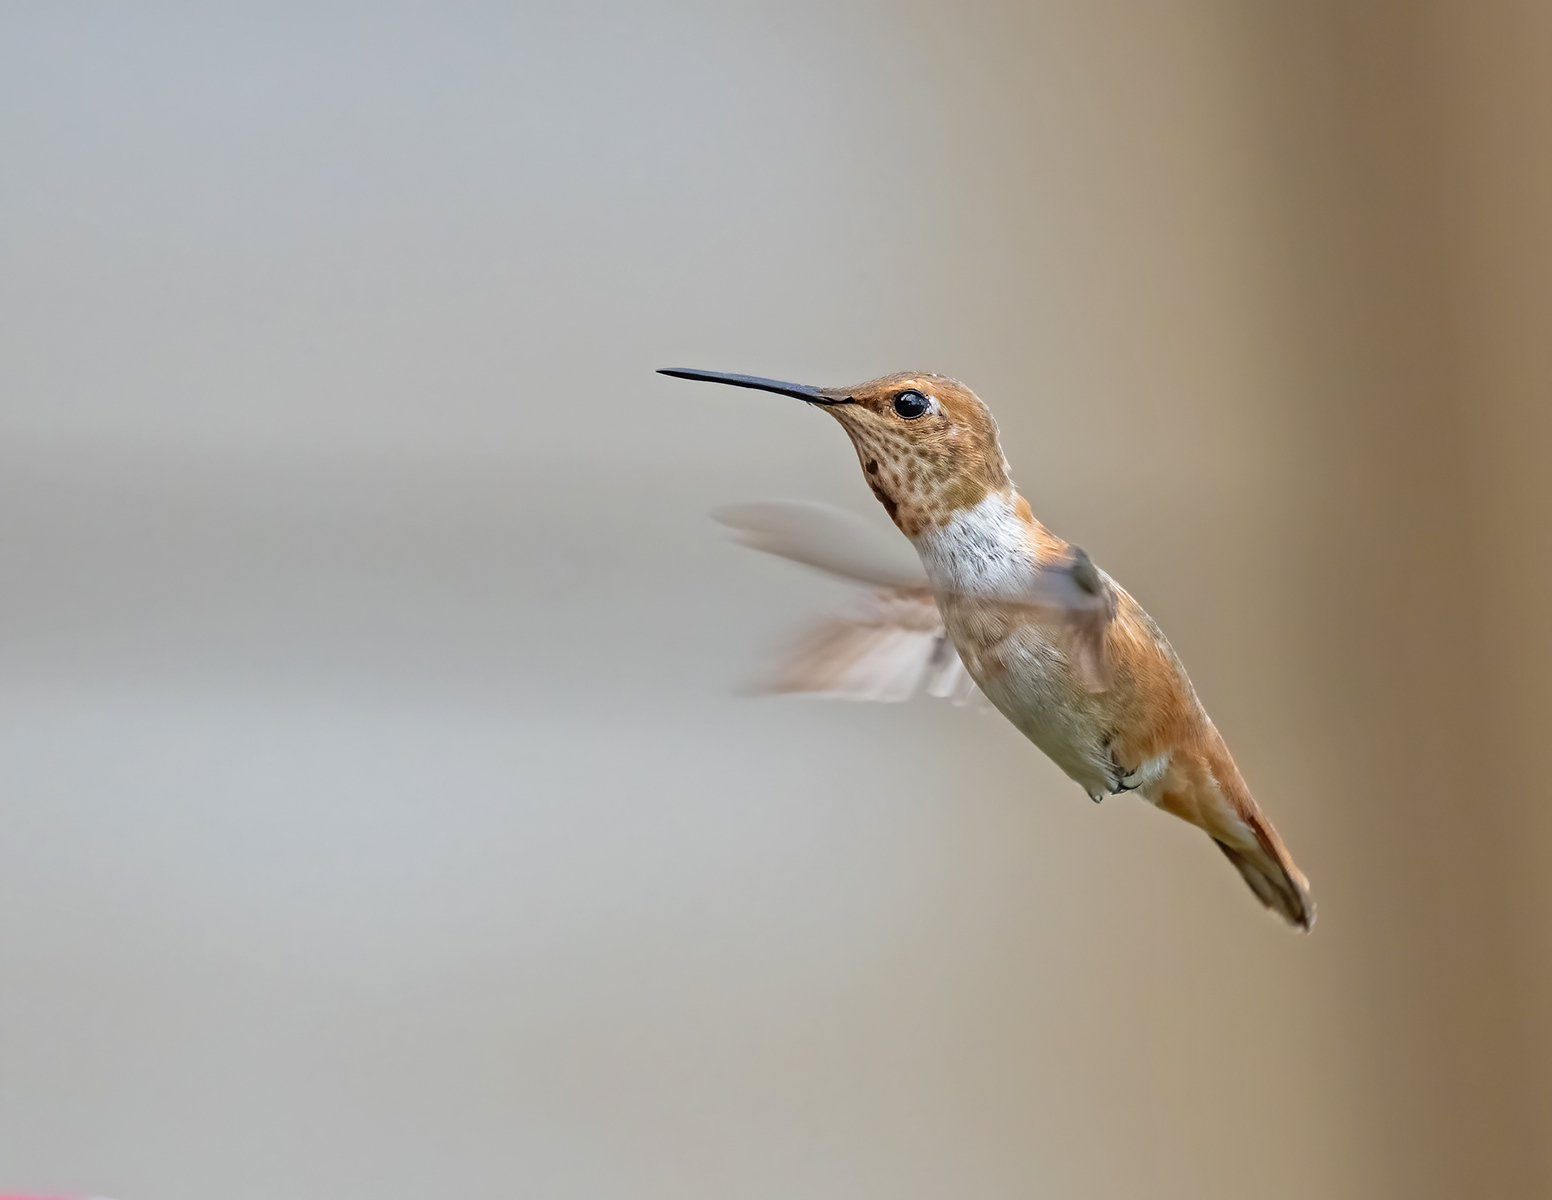 IMAGE: https://photos.smugmug.com/Beautyinthetreesandintheair/Humminngbirds-2020/i-6HqSW5k/0/d5ae3e78/X3/Rufous%20hummingbird_9_11-10-2020-17-X3.jpg